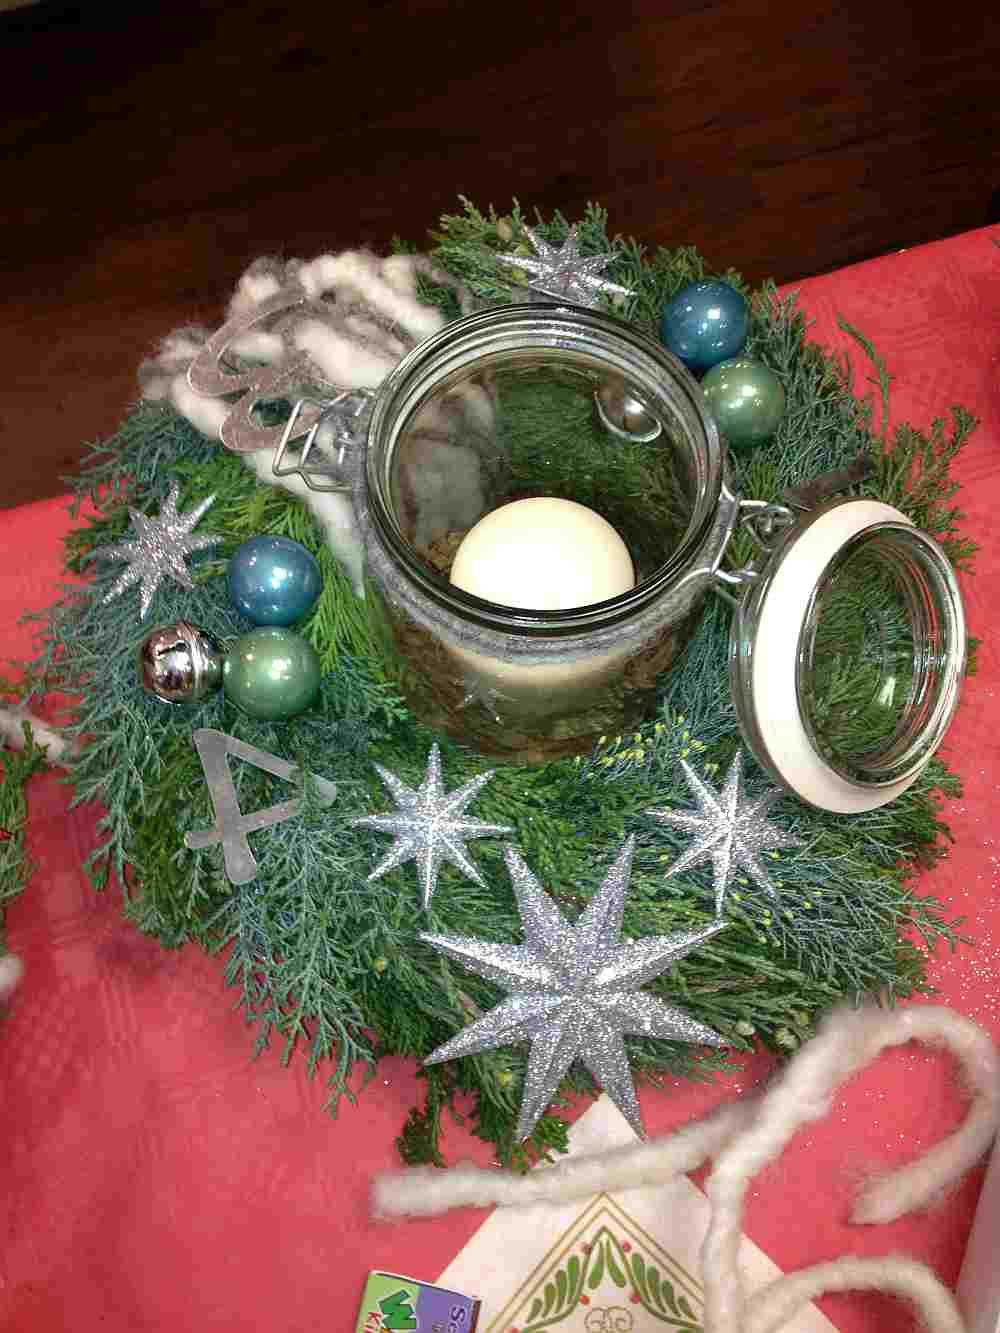 basteln macht gl cklich adventskranz schm cken f r die weihnachtszeit. Black Bedroom Furniture Sets. Home Design Ideas